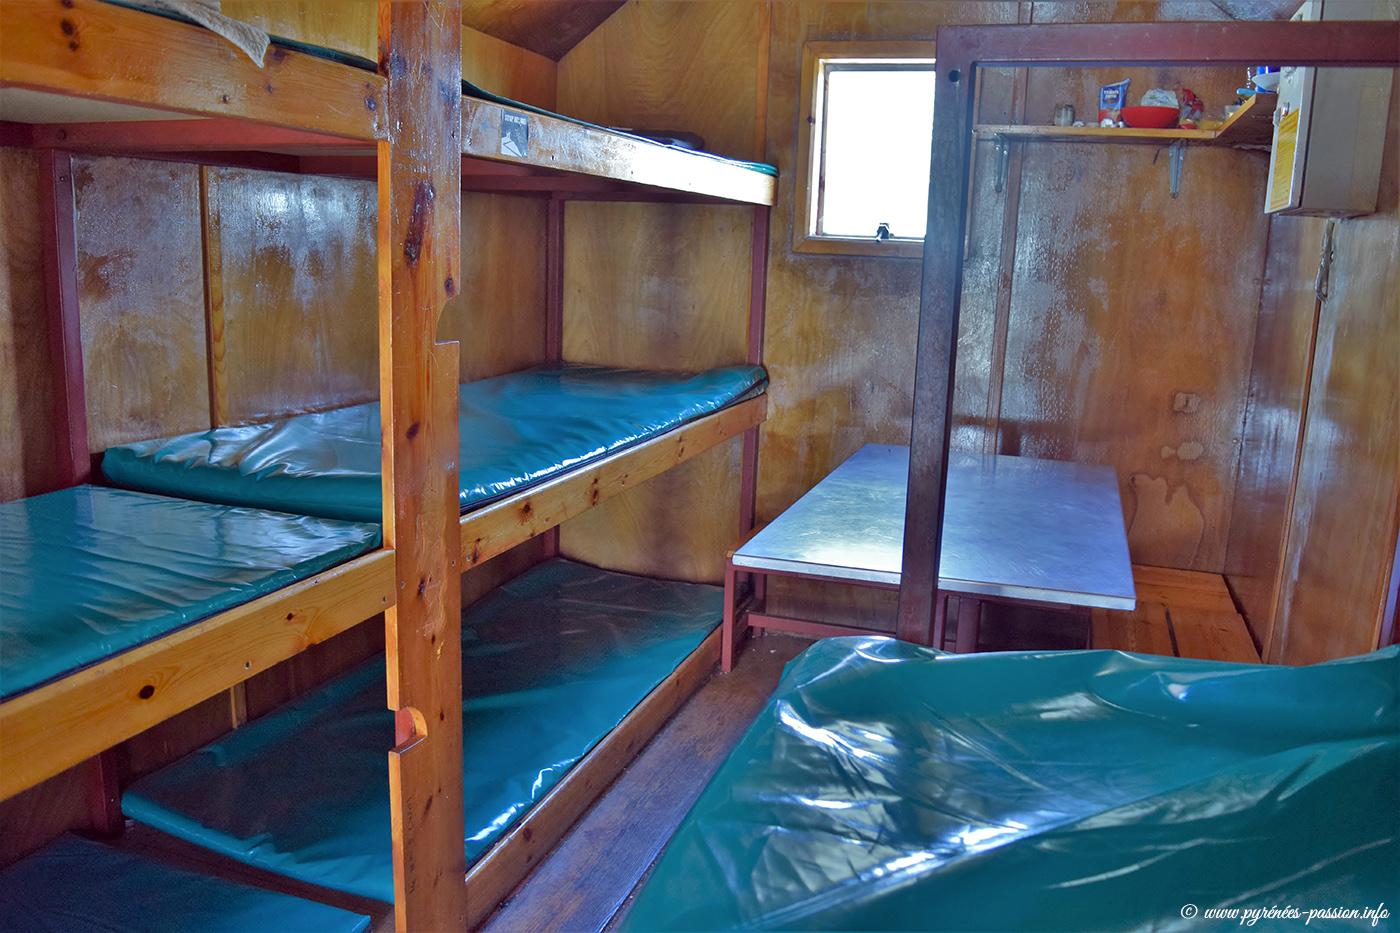 Le refuge Mataro - Encantats